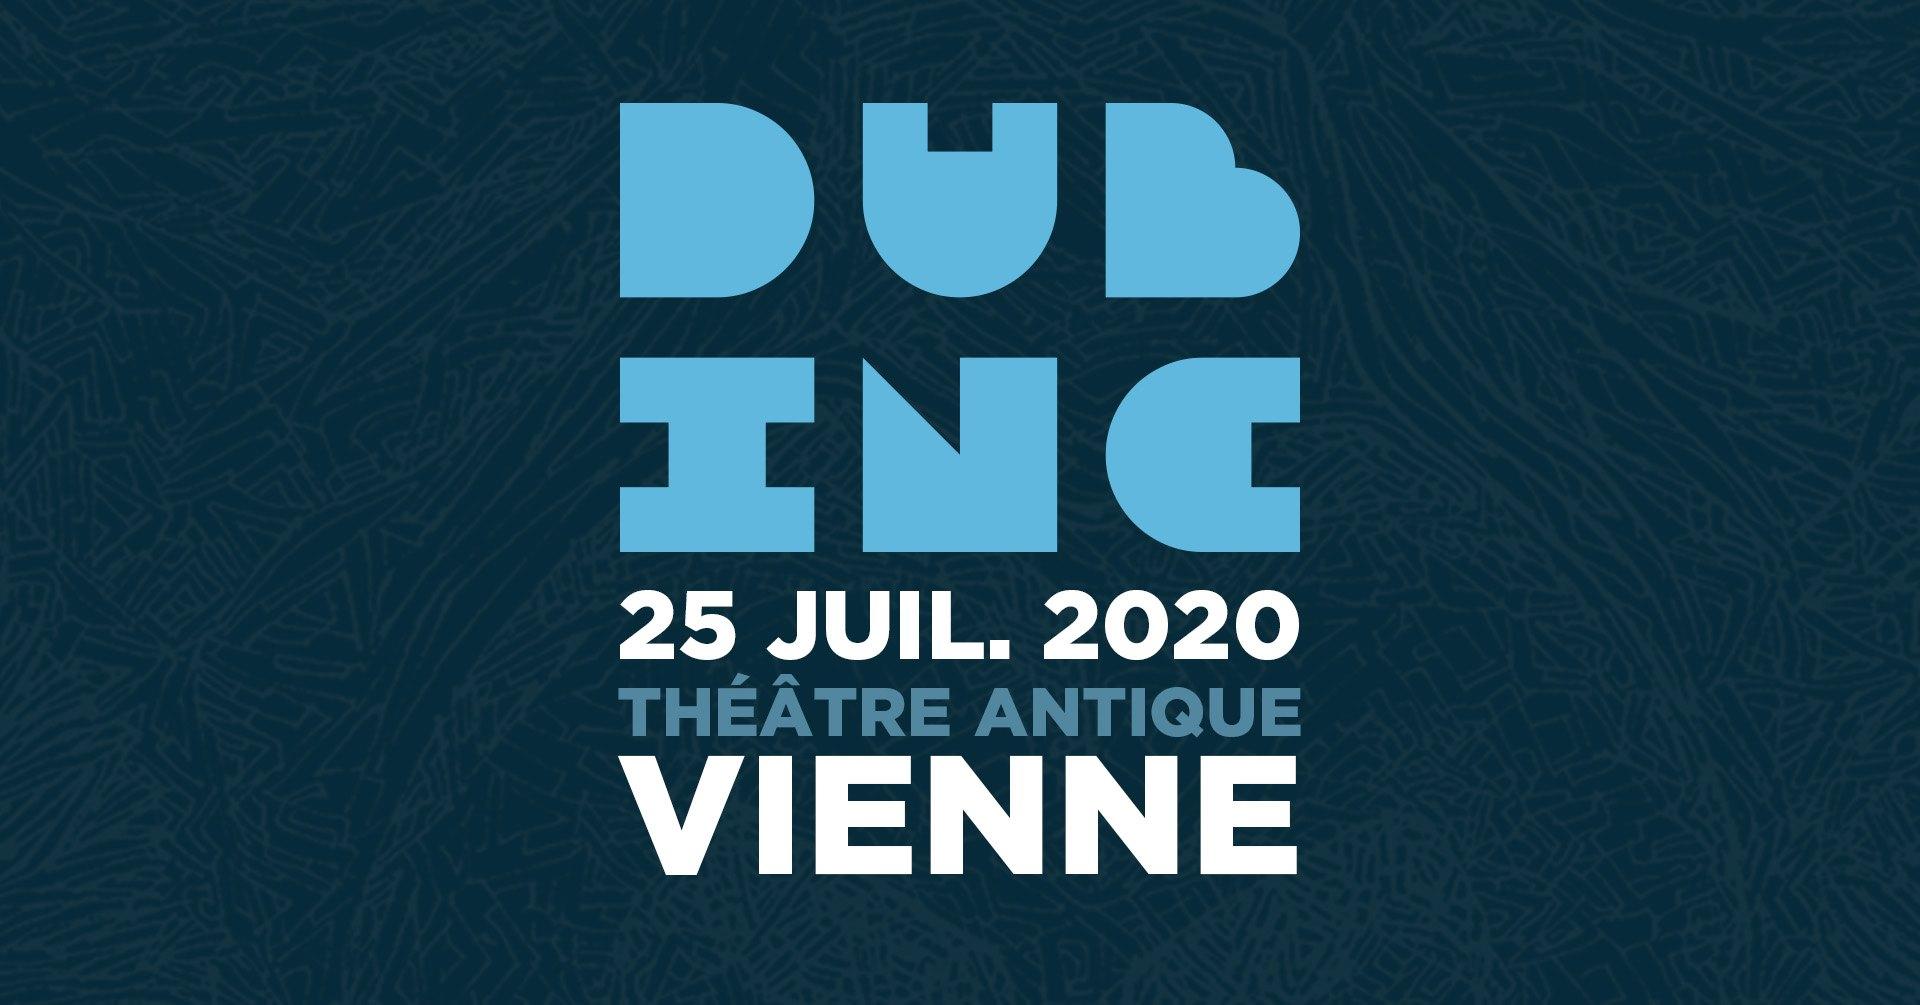 Dub-Inc-25juillet2020